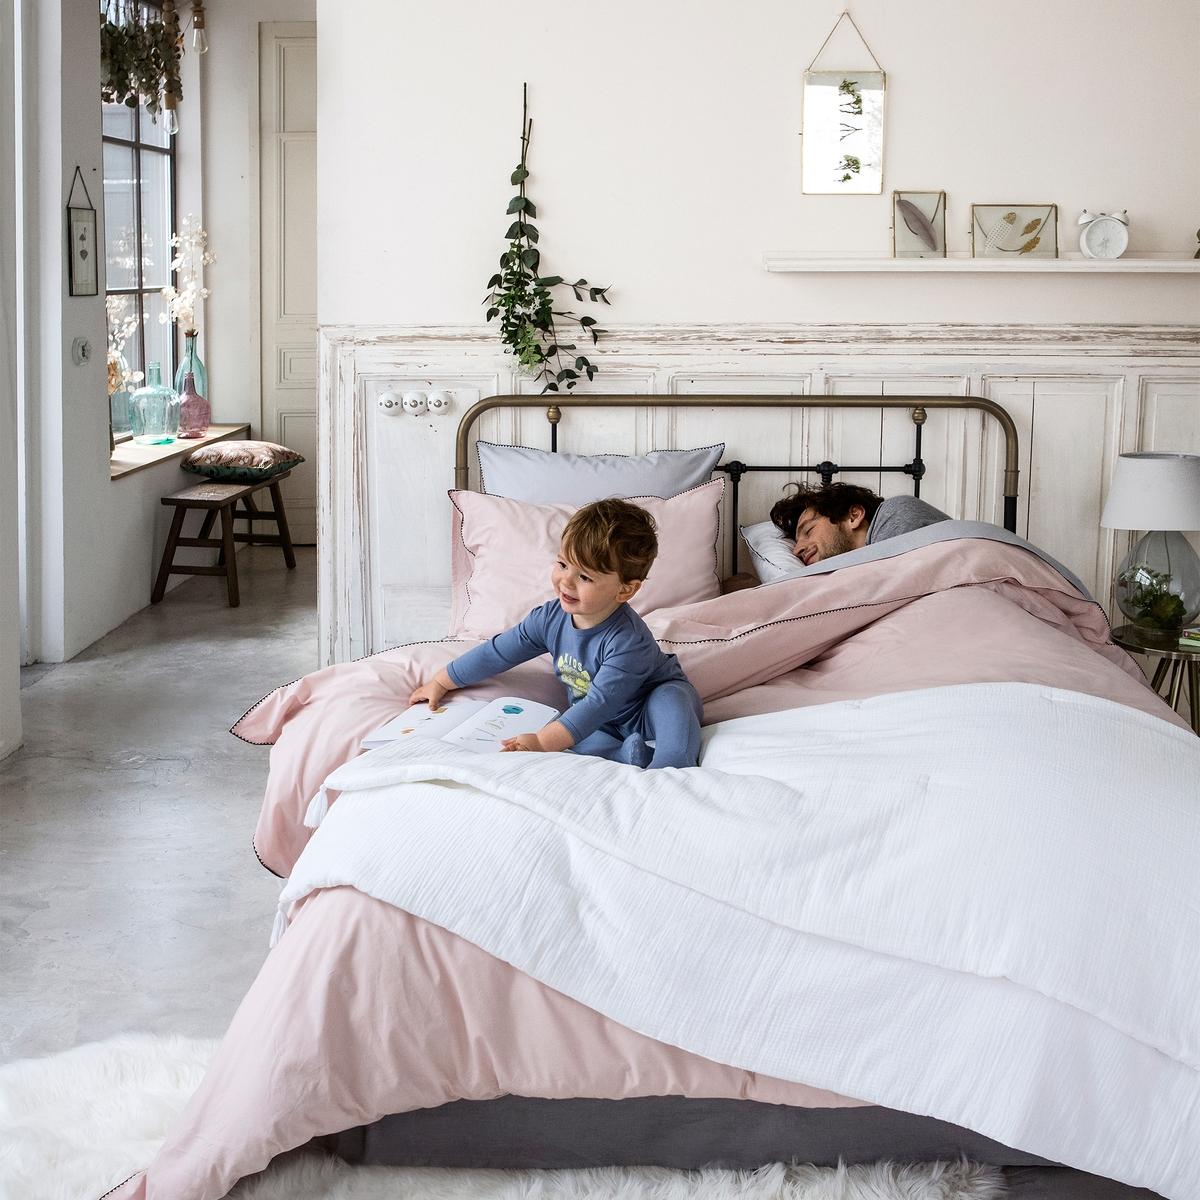 Одеяло однотонное из 100% хлопка, KUMLAОднотонное одеяло из 100% хлопка, Kumla. Мягкое одеяло Kumla создаст атмосферу уюта и комфорта в вашей спальне.Характеристики одеяла из 100% хлопка Kumla :Верх из 100% хлопка.Наполнитель из 100% полиэстера (120 г/м?).Вышивка крестиком в тон.4 помпона по краям одеяла.Машинная стирка при 30 °С.Соответствующий чехол для подушки и другую текстильную продукцию вы найдете на сайте laredoute.ruРазмеры :90 x 190 см150 x 150 смЗнак Oeko-Tex® гарантирует, что товары прошли проверку и были изготовлены без применения вредных для здоровья человека веществ.<br><br>Цвет: белый,розовый,серо-зеленый<br>Размер: 90 x 190  см.150 x 150  см